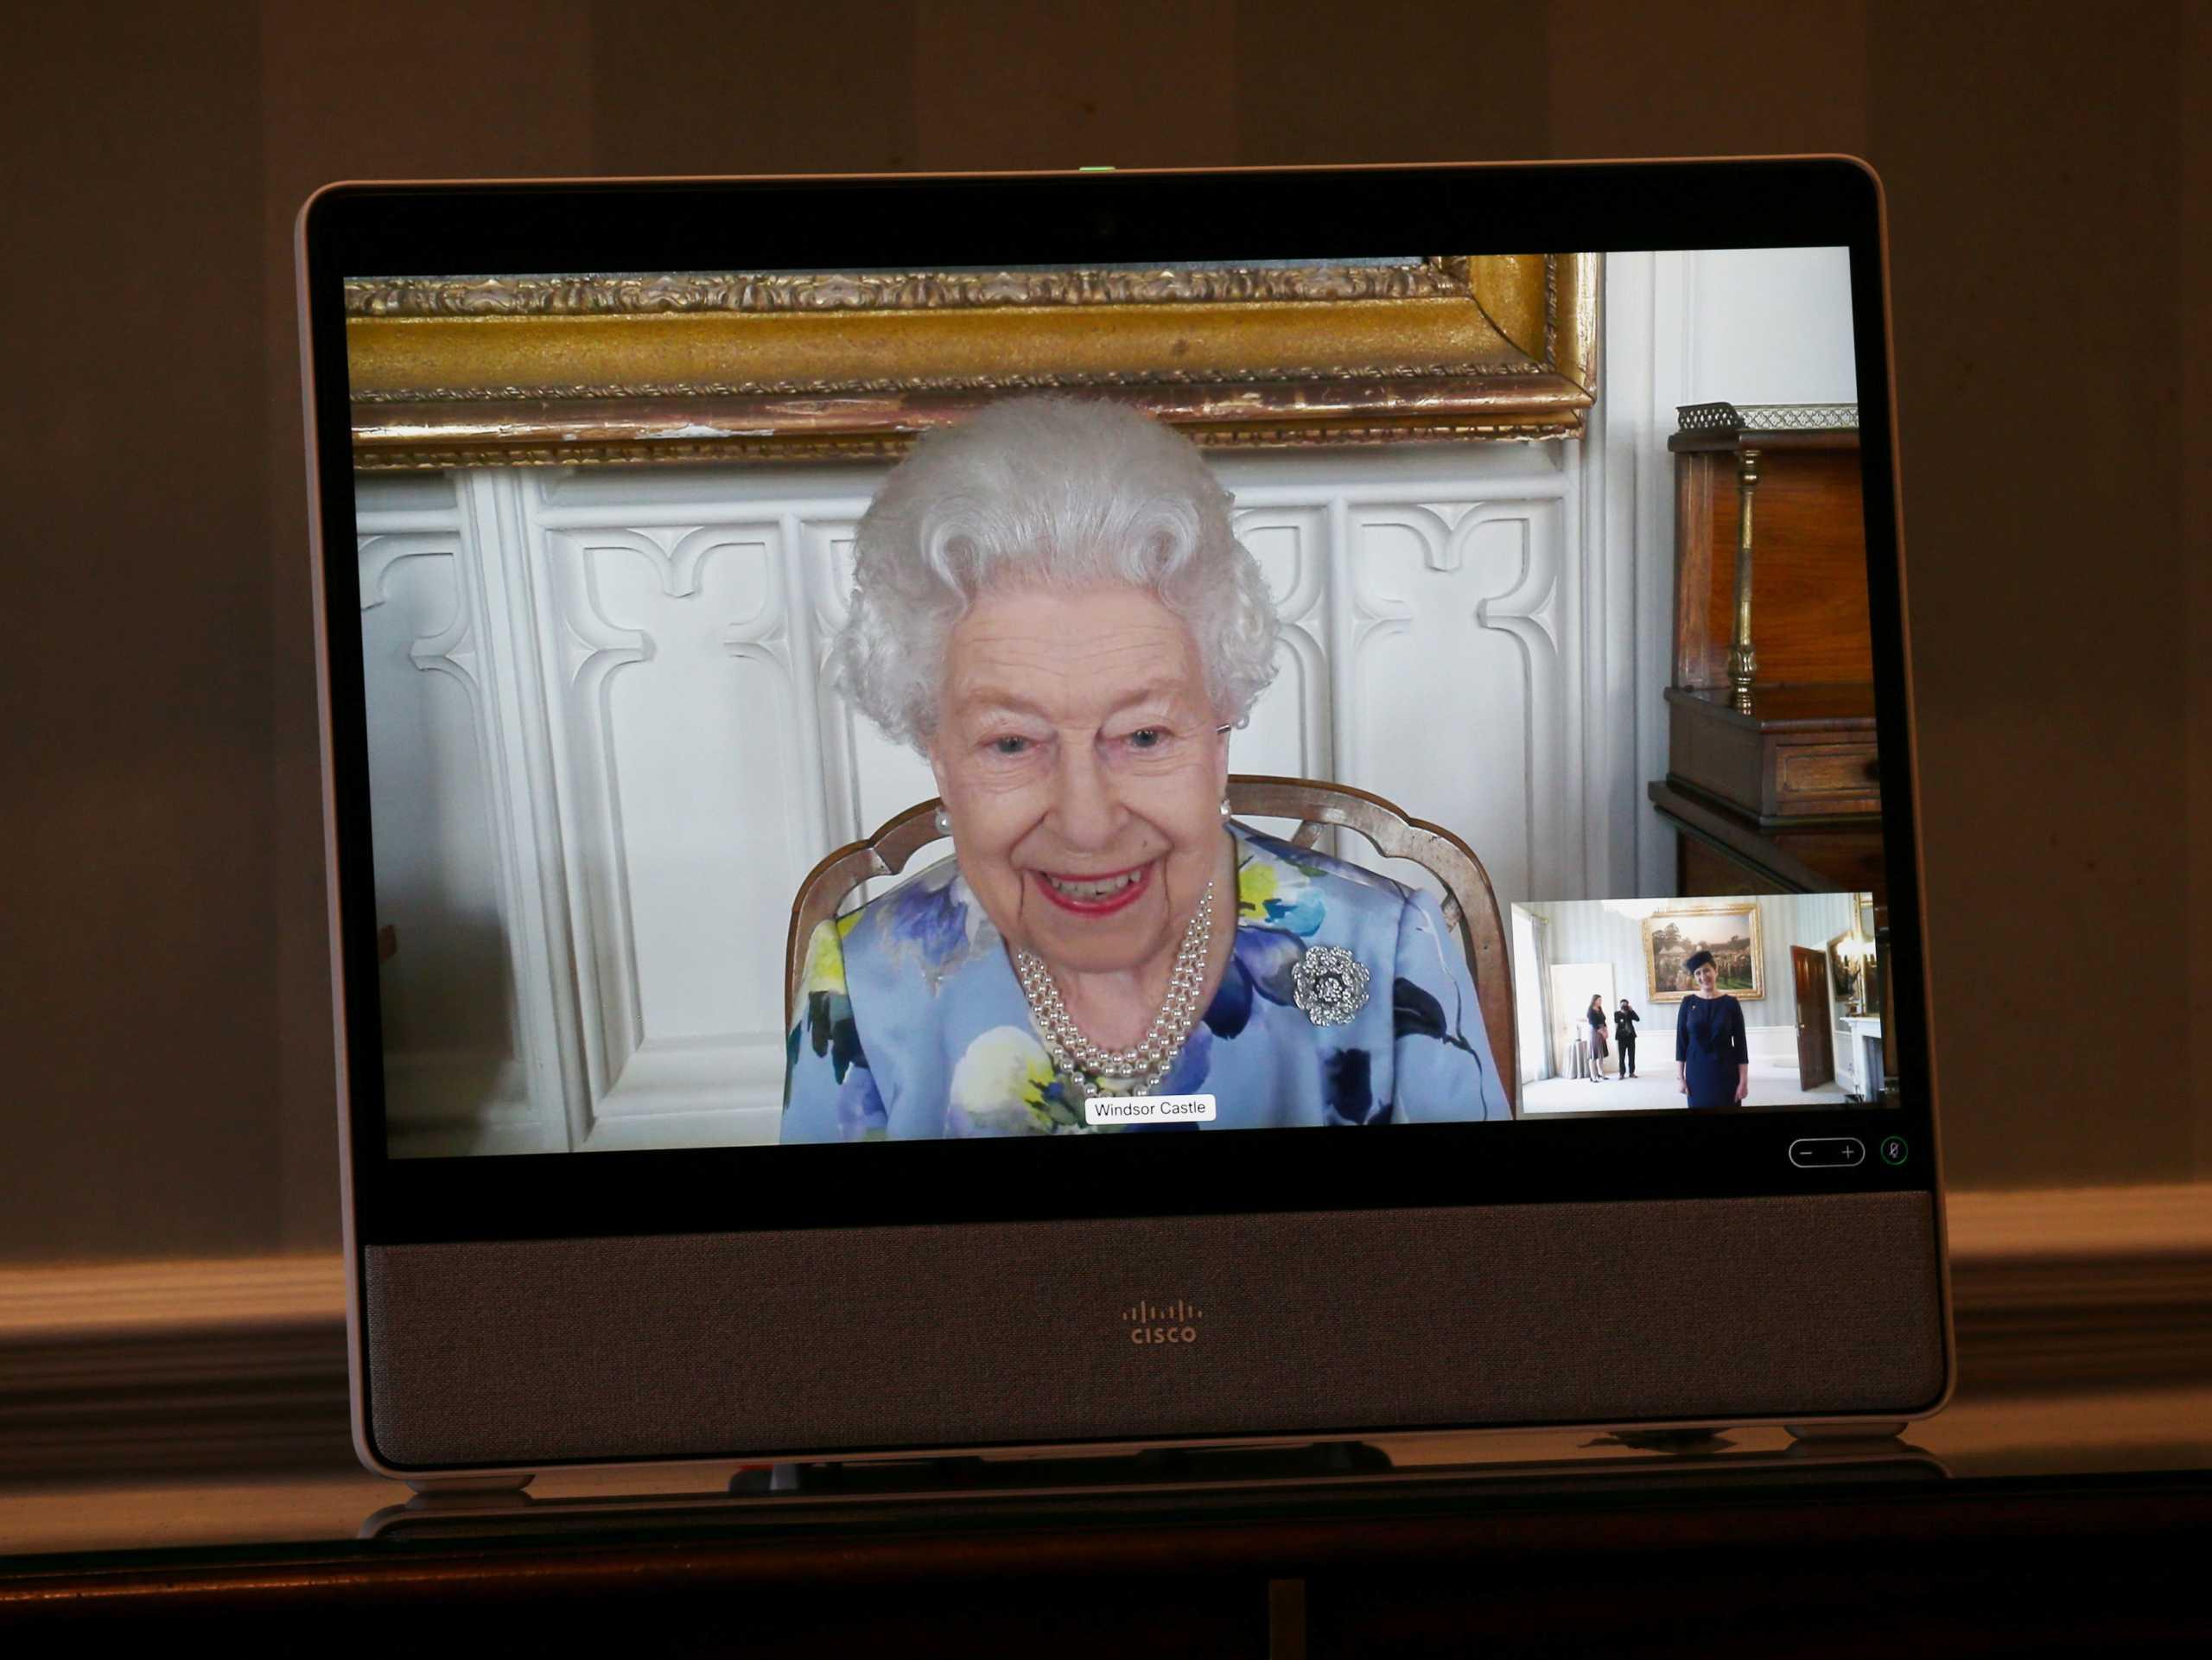 Έπιασε δουλειά η βασίλισσα Ελισάβετ μετά την κηδεία του Φίλιππου